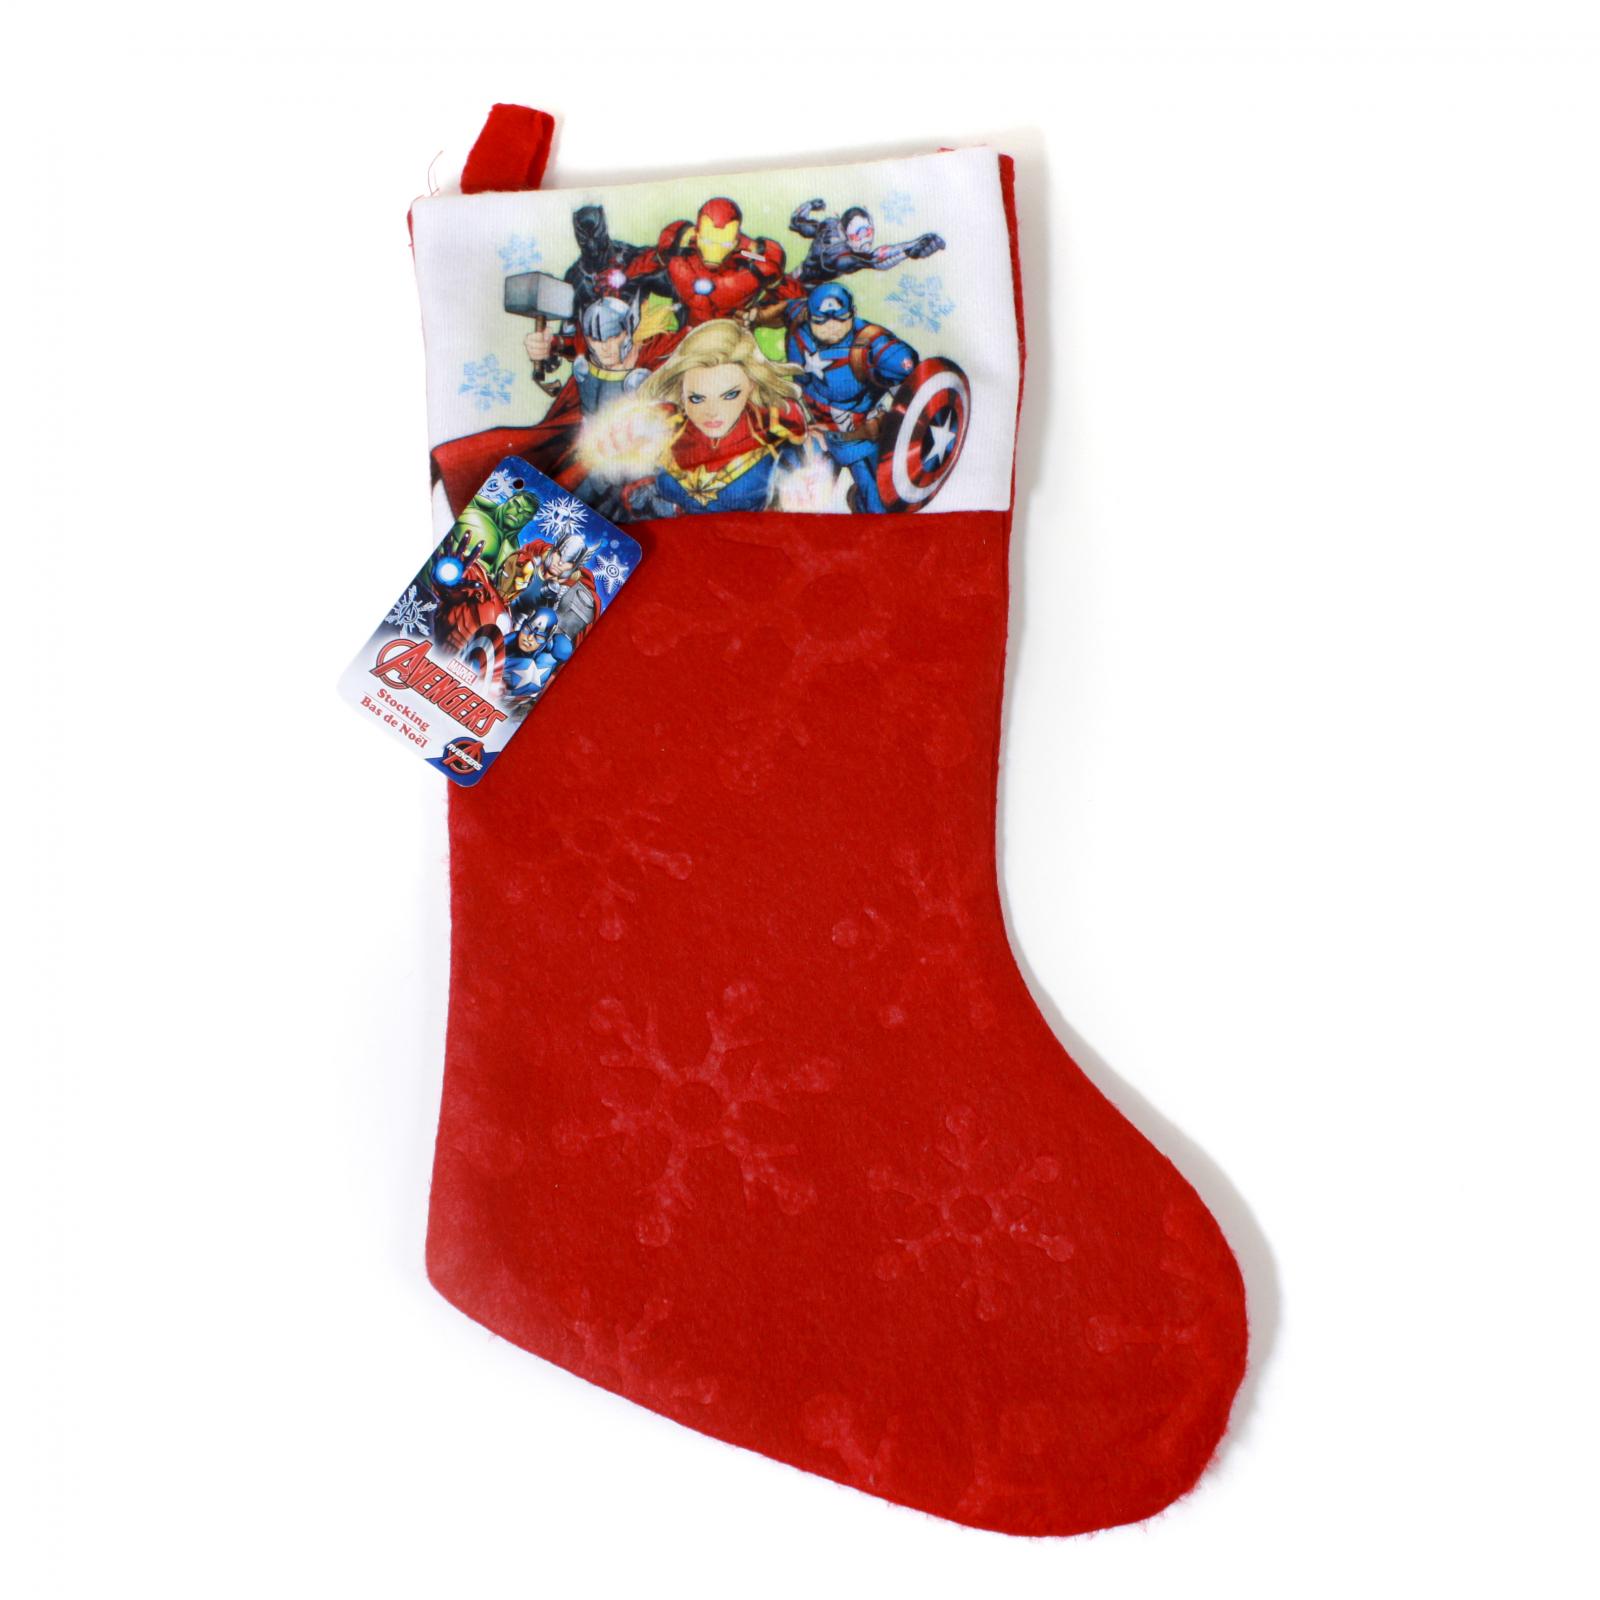 Avengers Kids Christmas Stocking Home Decor 15.5 In